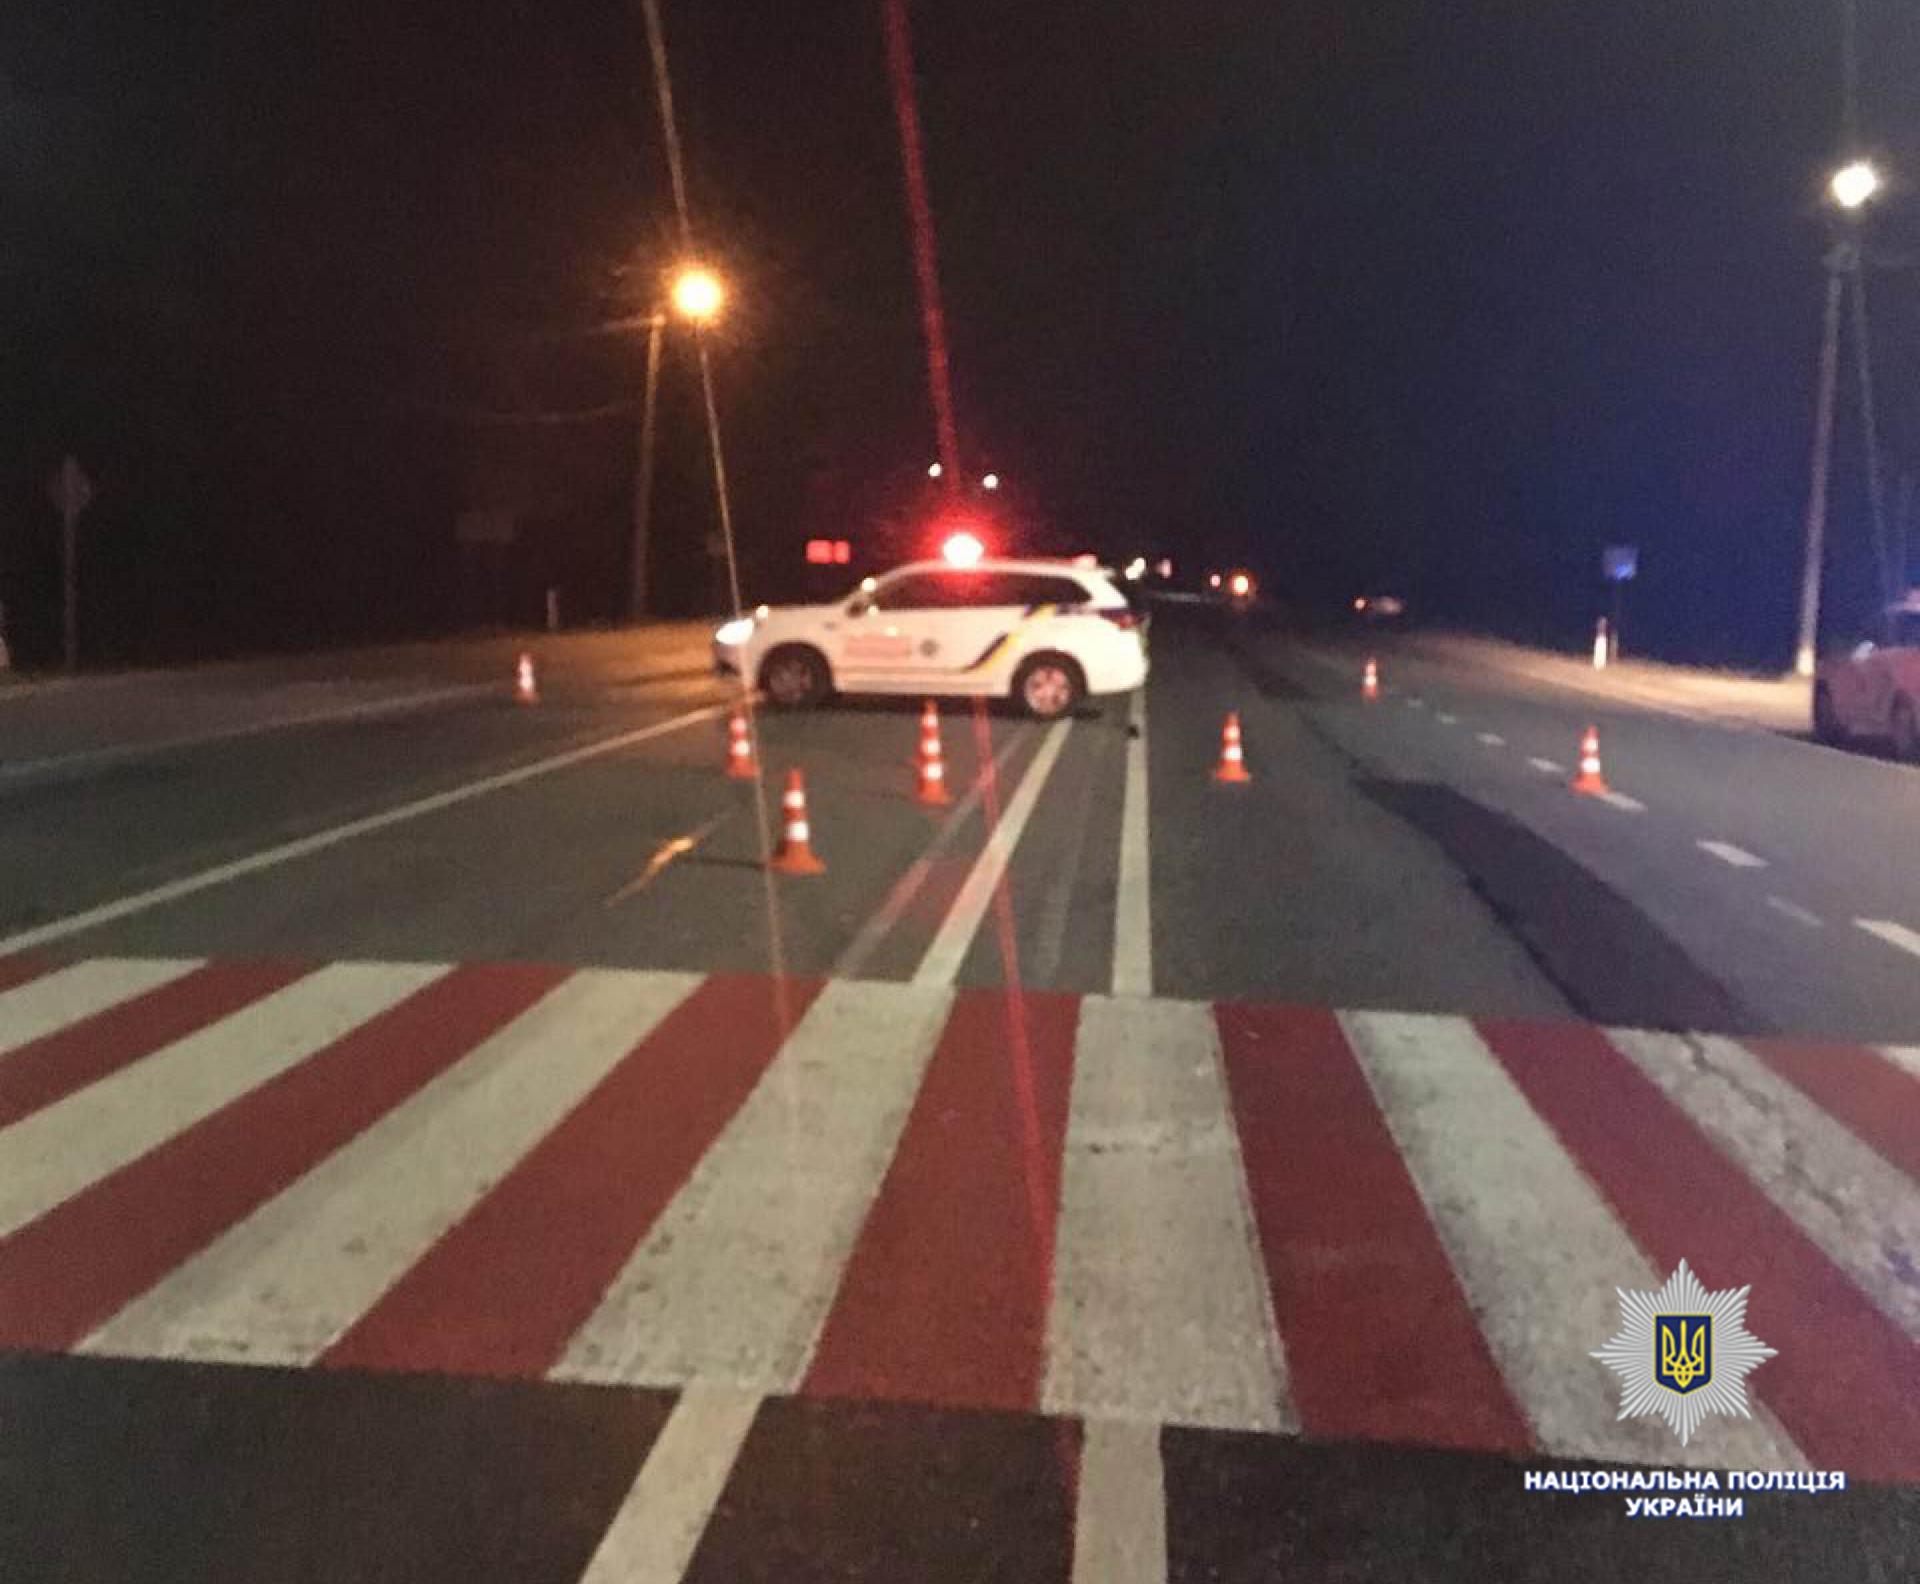 Пьяного водителя, который на Львовщине сбил копа, пока отпустили домой